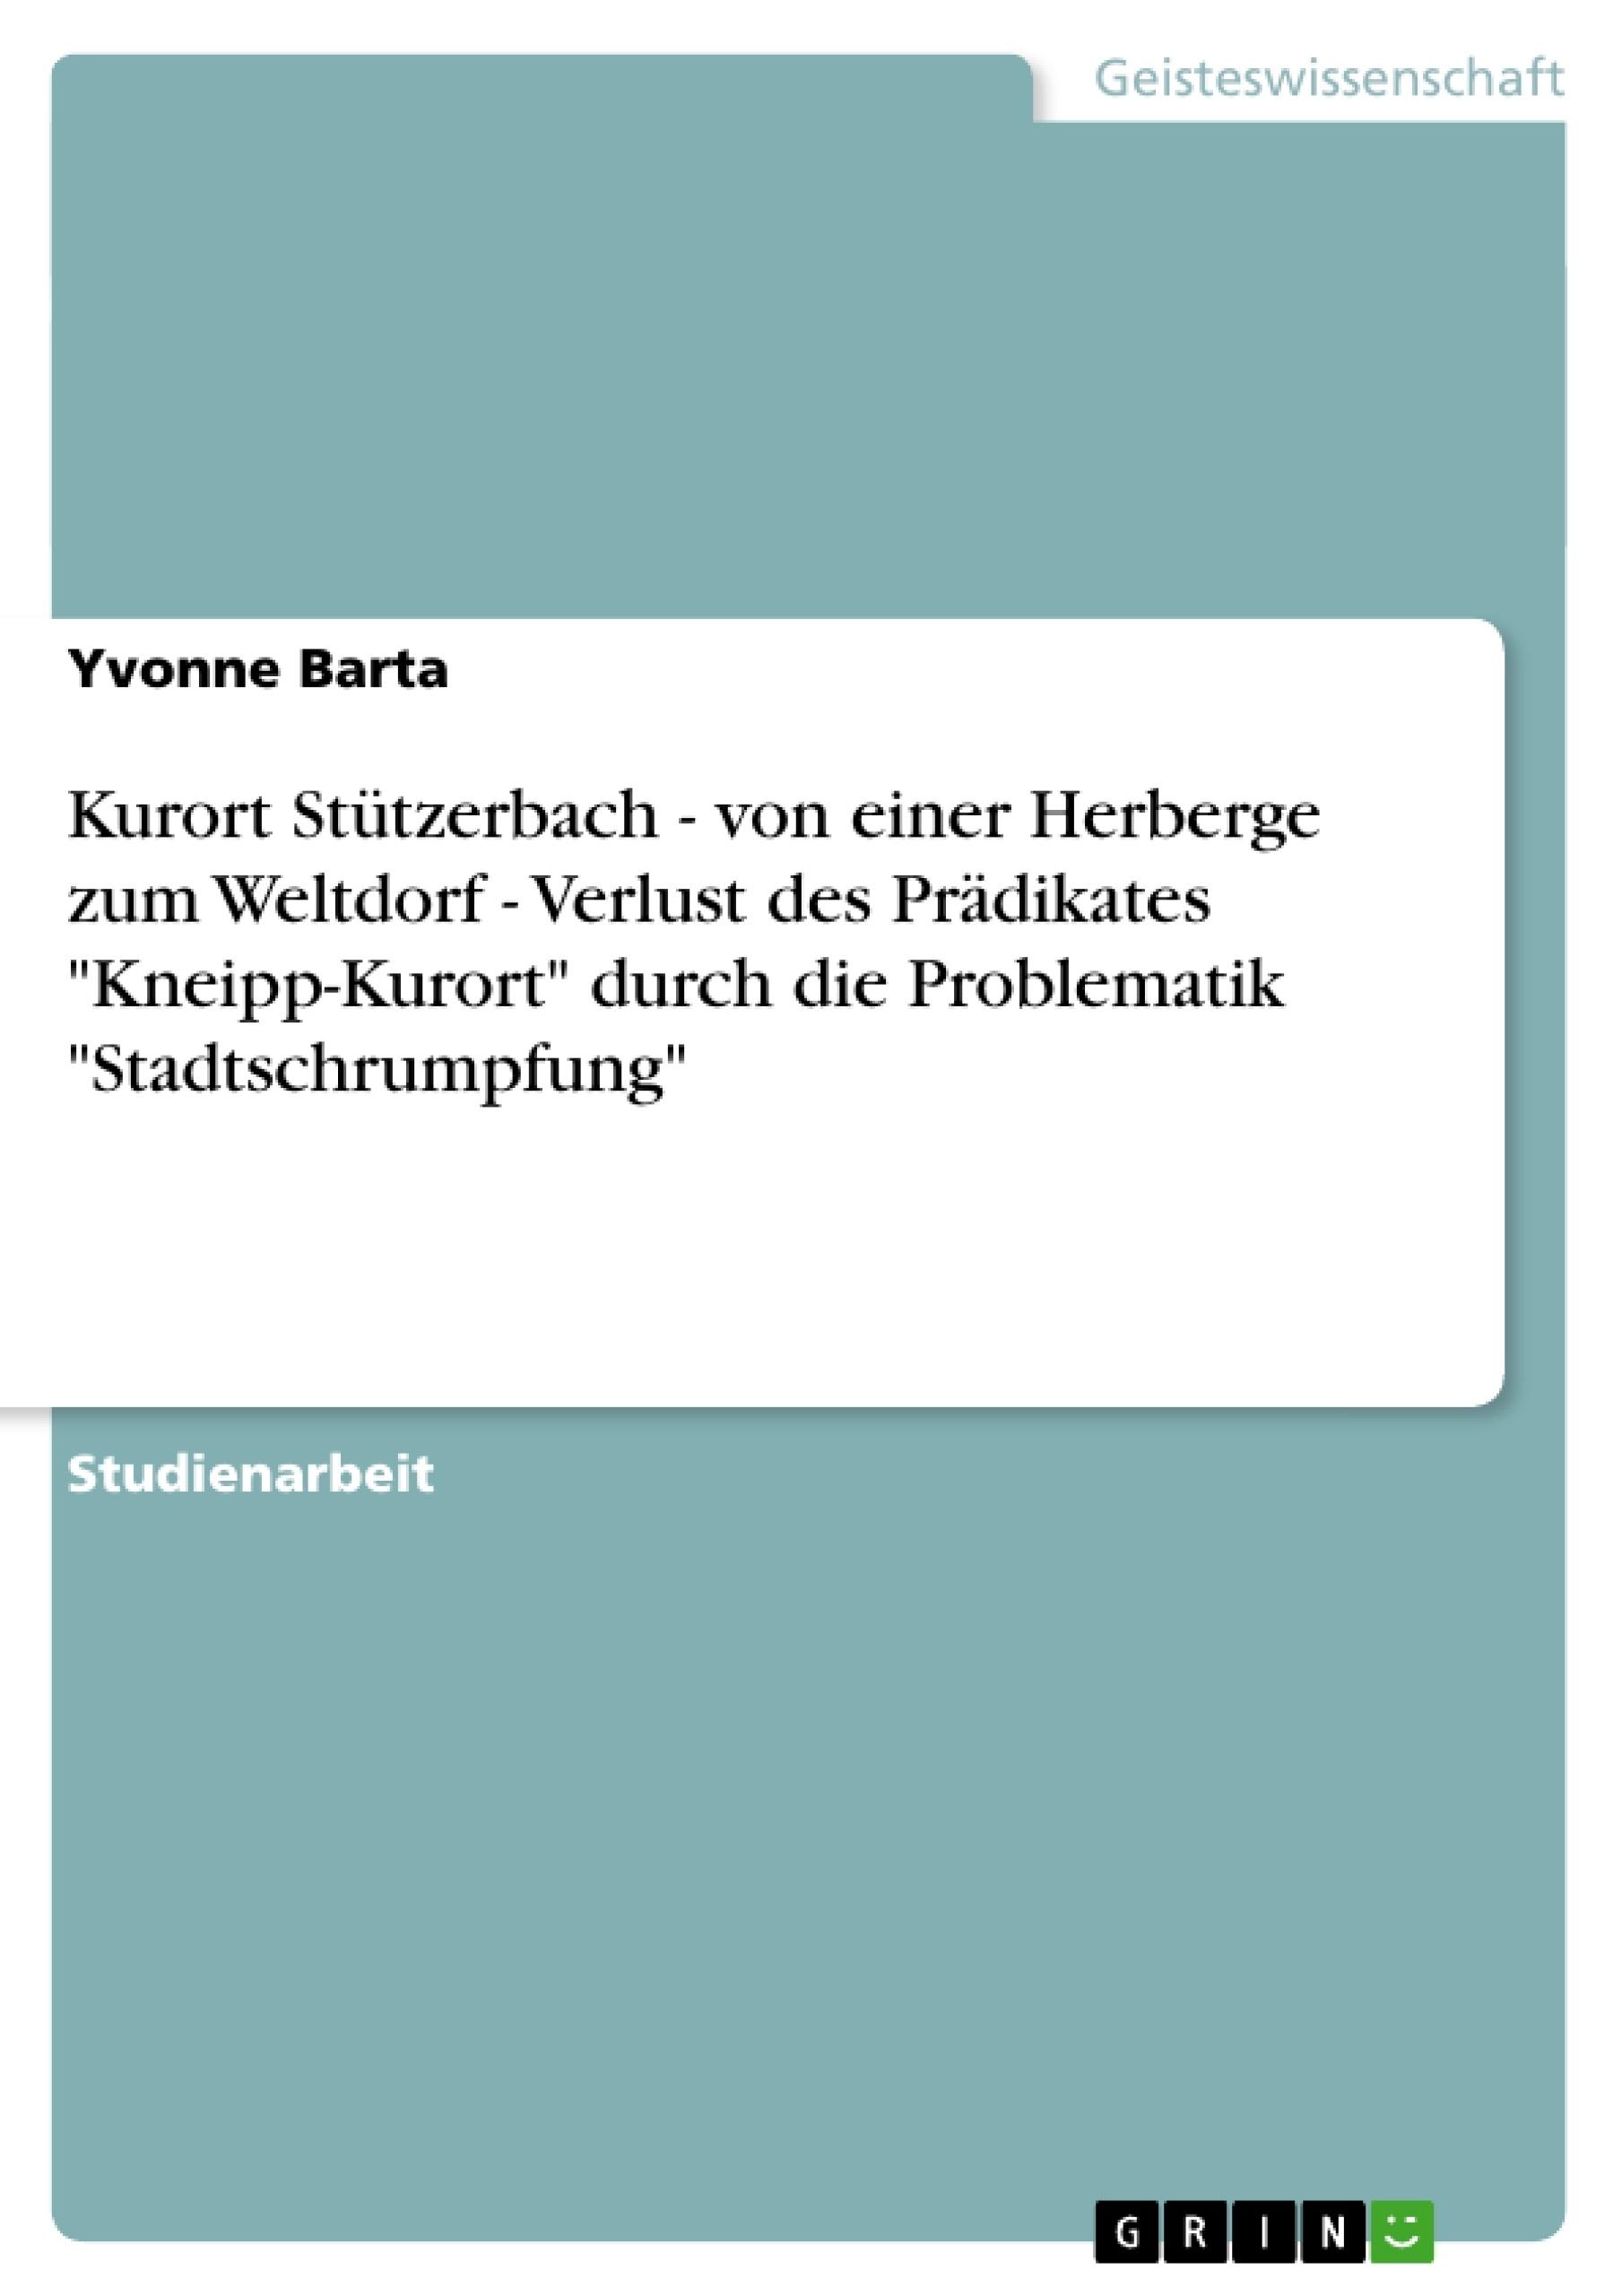 """Titel: Kurort Stützerbach - von einer Herberge zum Weltdorf - Verlust des Prädikates """"Kneipp-Kurort"""" durch die Problematik """"Stadtschrumpfung"""""""